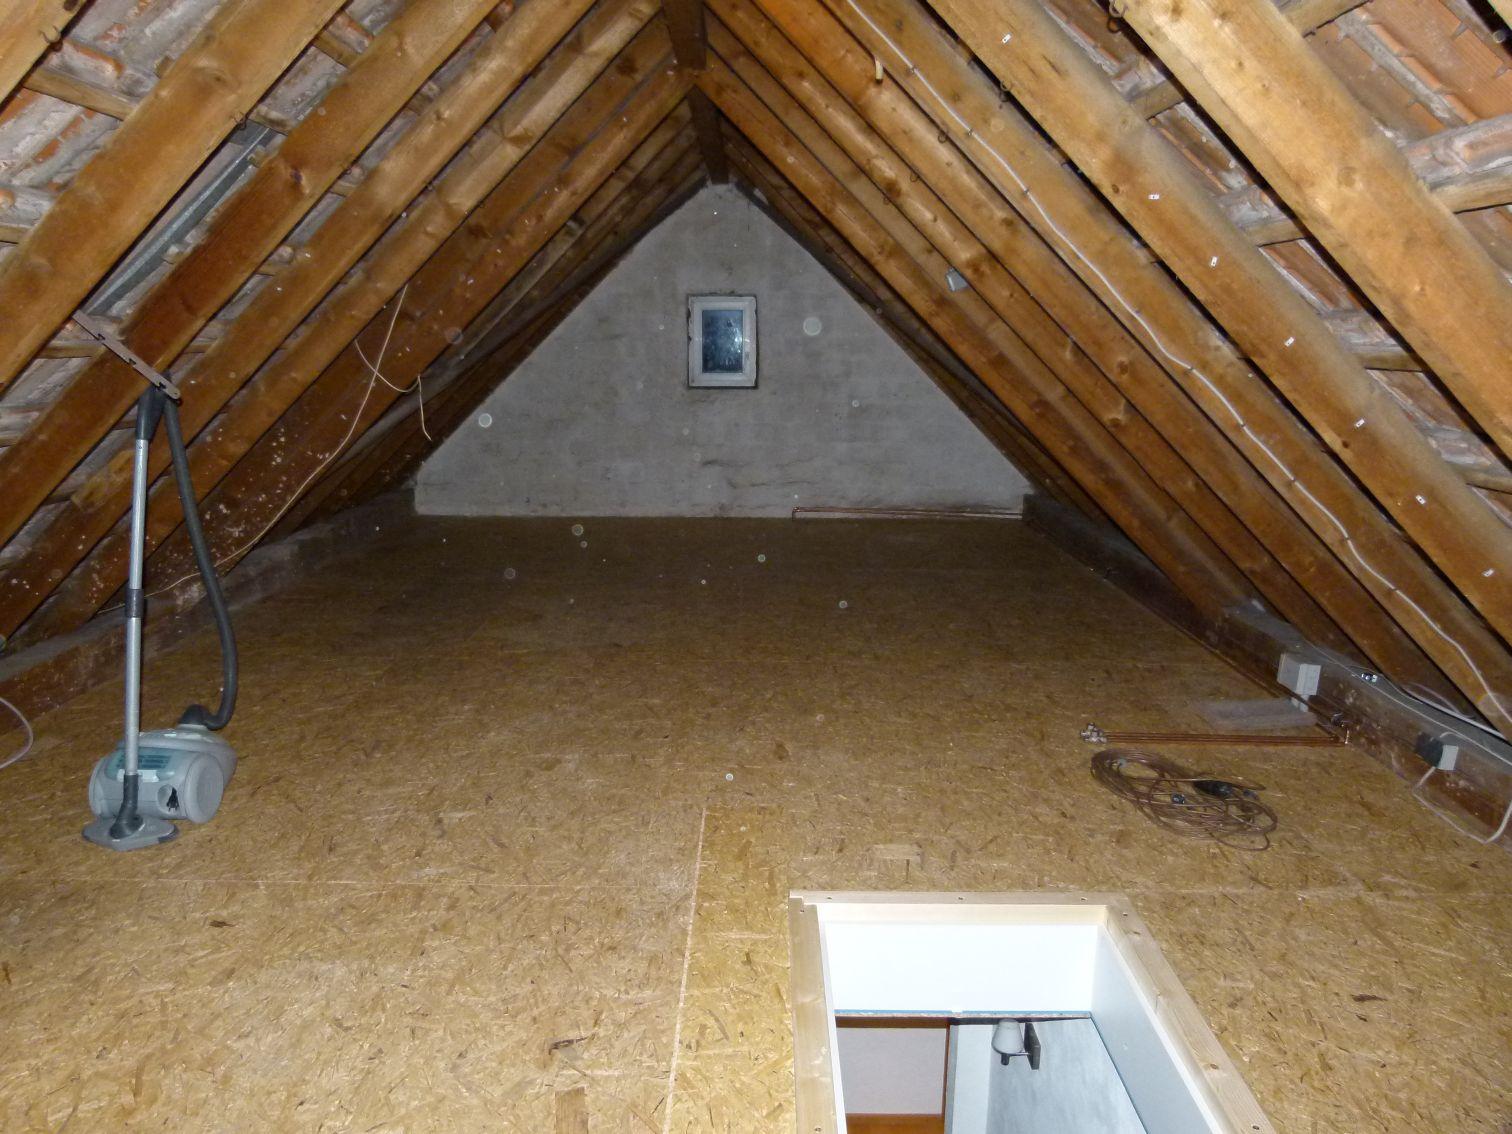 20 Ideen Für Osb Platten Als Bodenbelag Dachboden - Beste ...